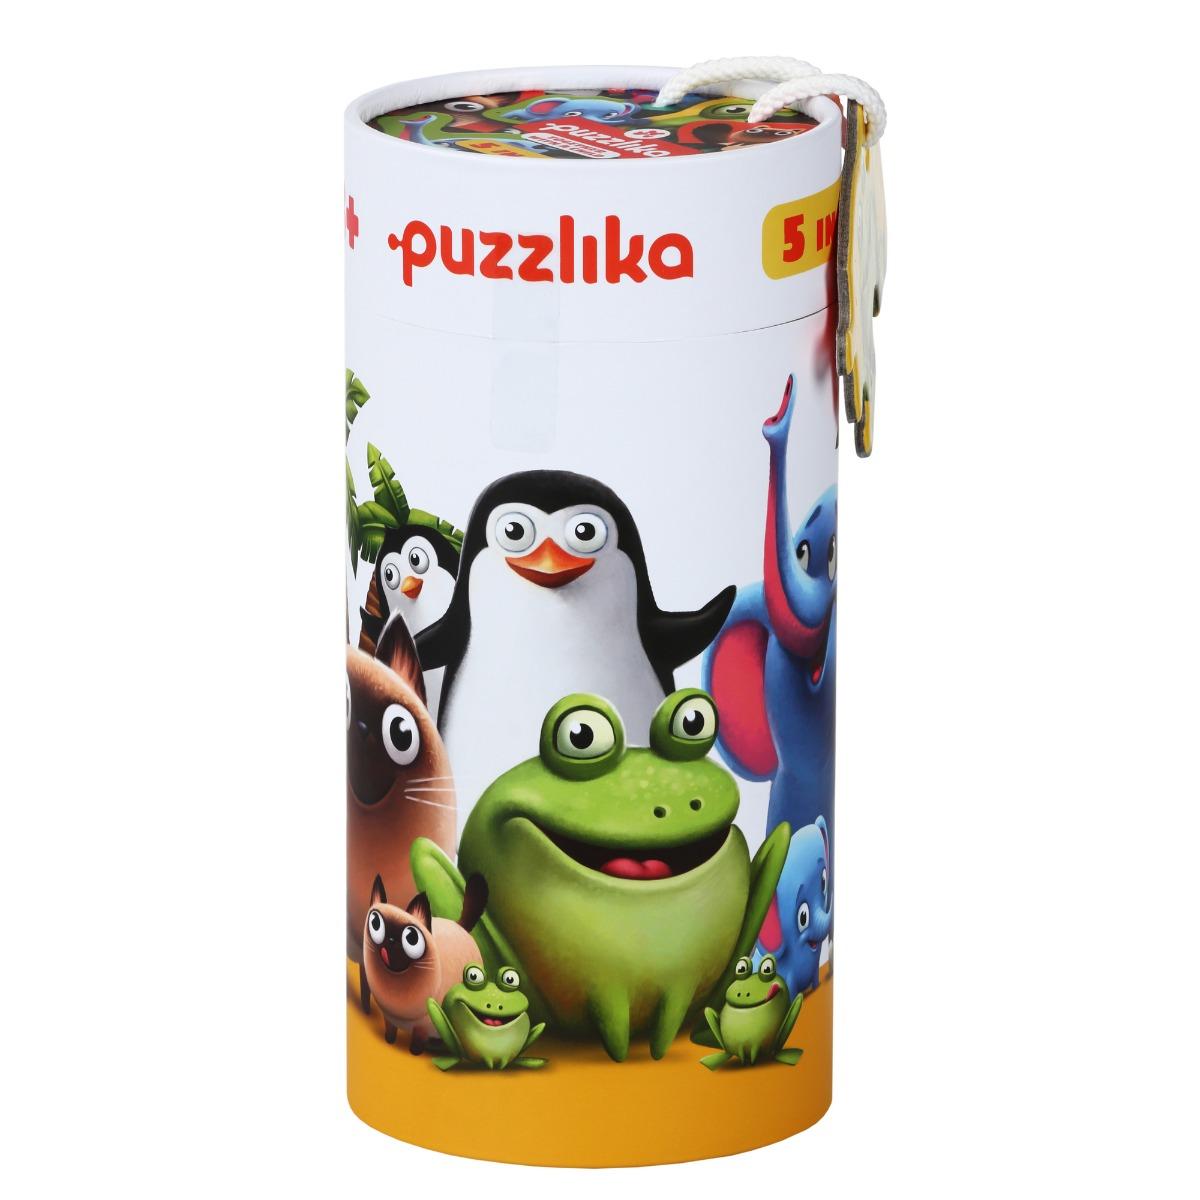 Puzzle 5 in 1, Cubika, Familia Potrivita